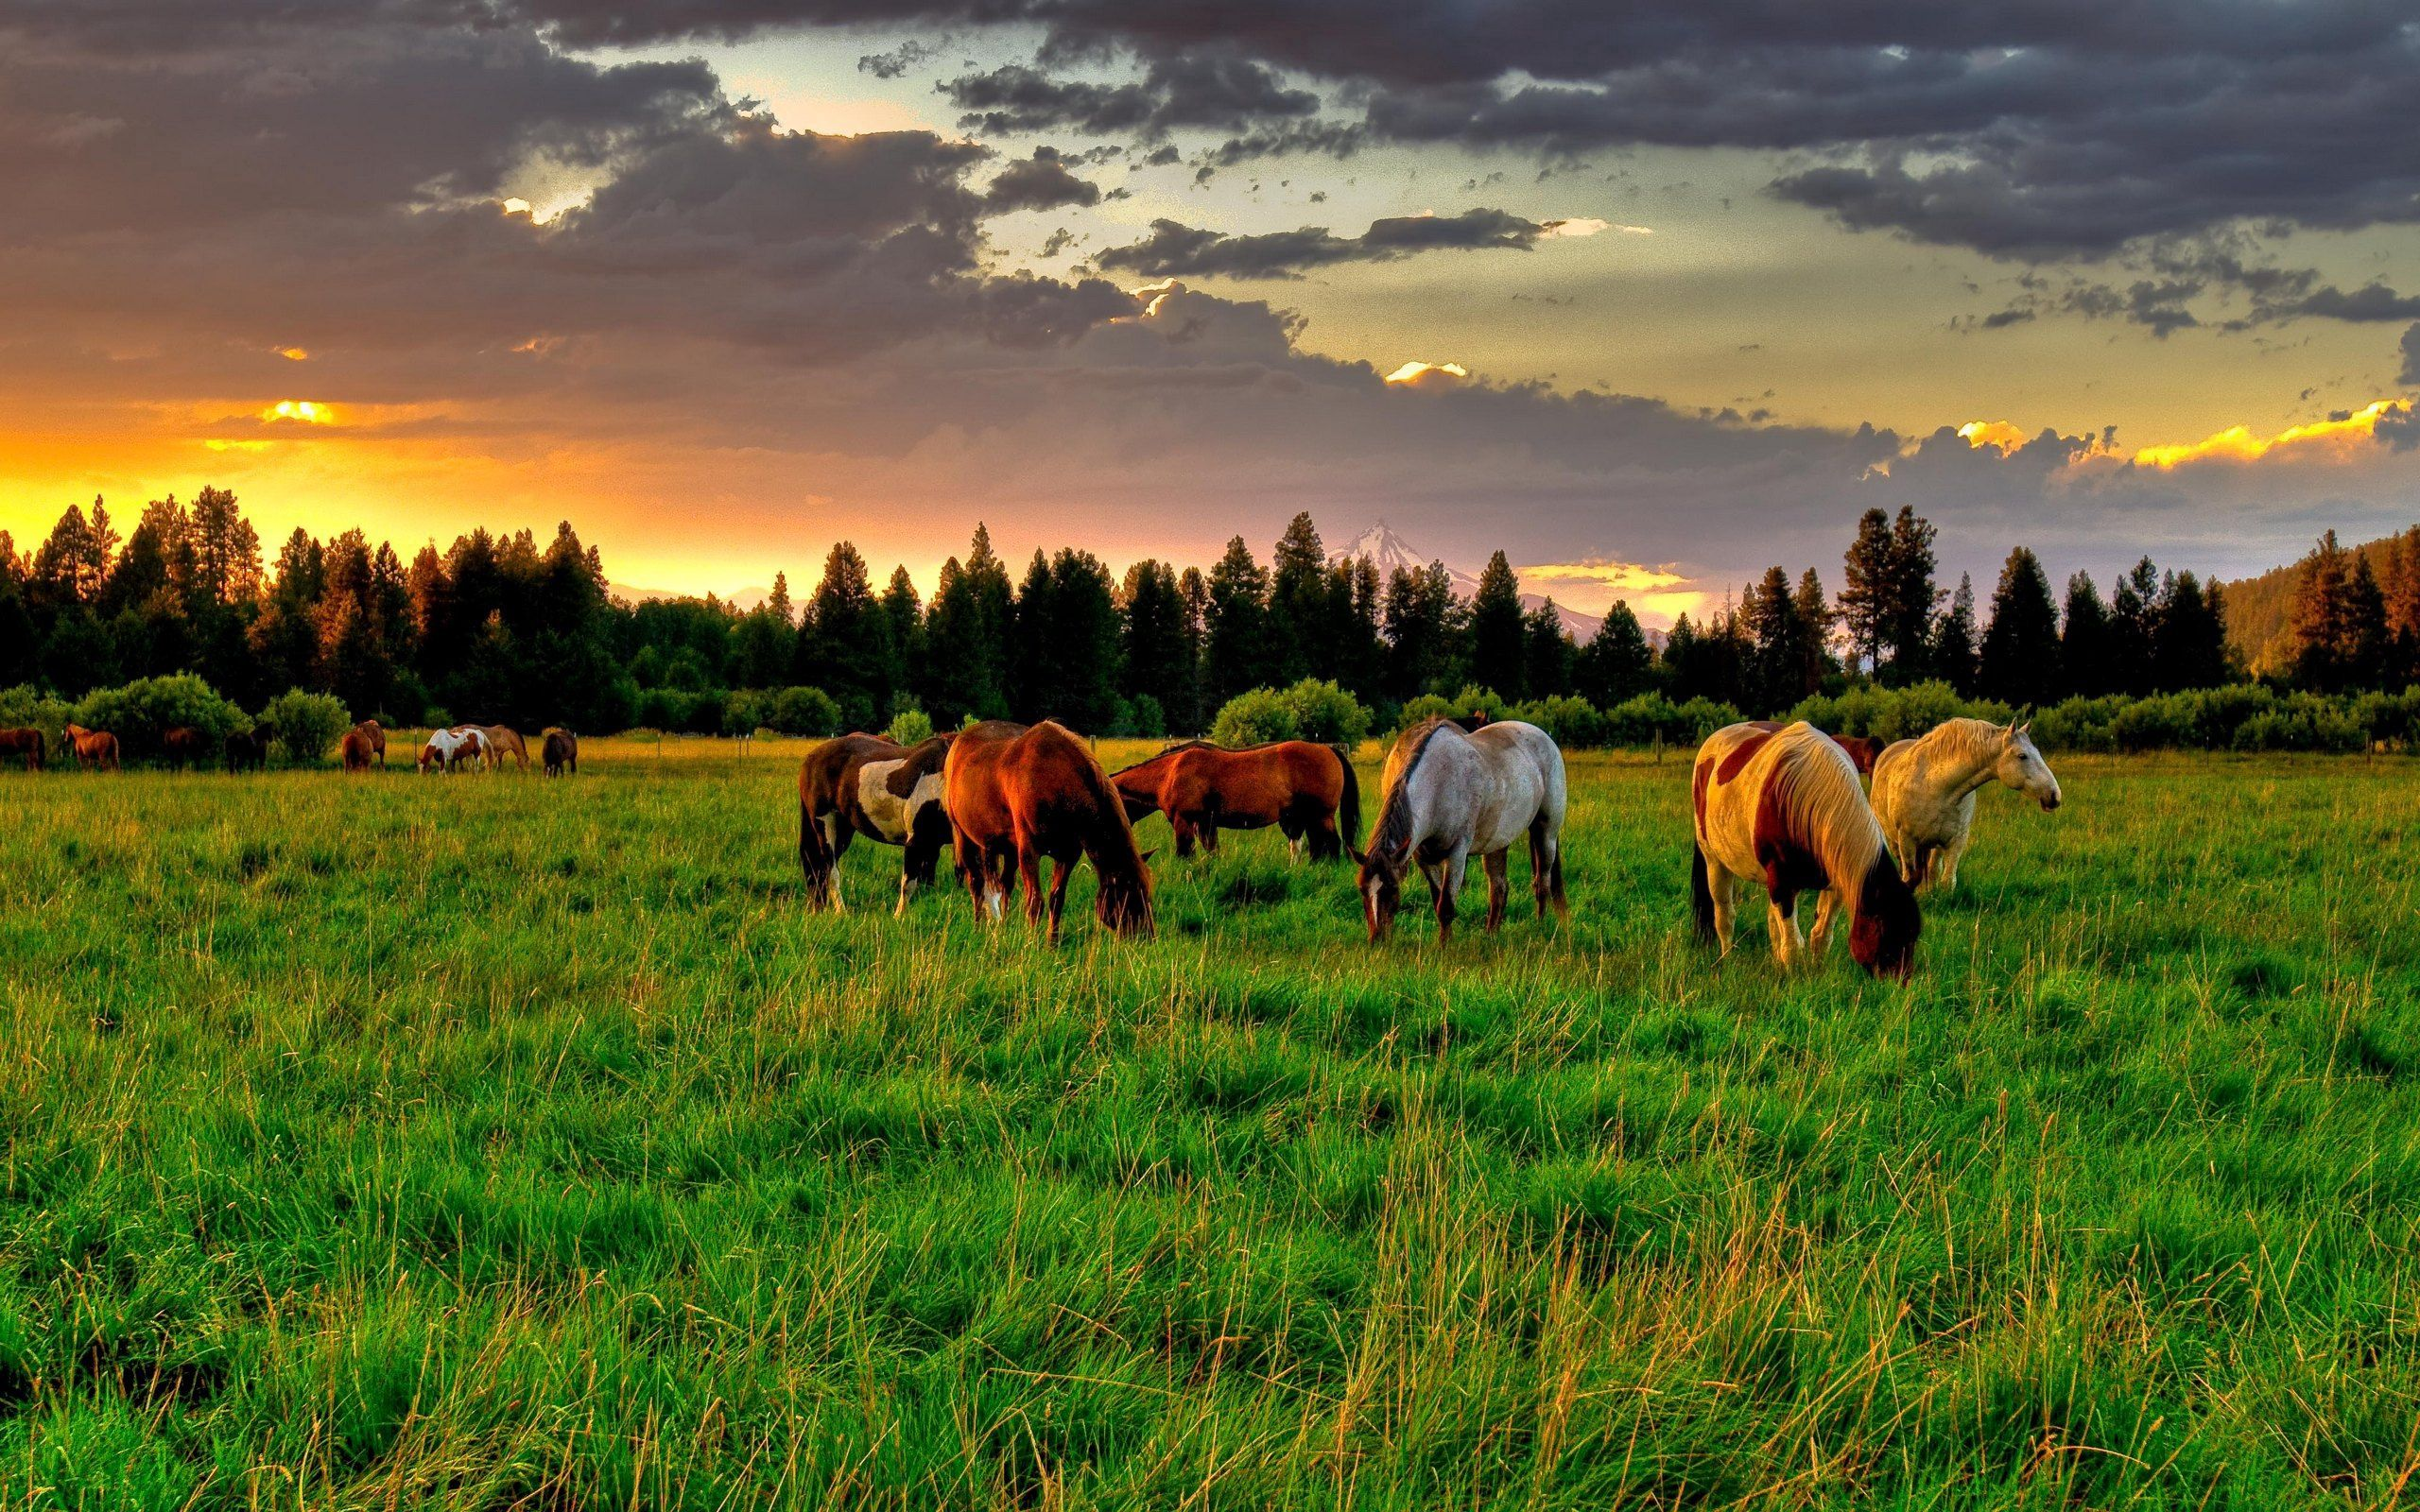 154960 скачать обои Животные, Лошади, Поле, Закат, Еда - заставки и картинки бесплатно